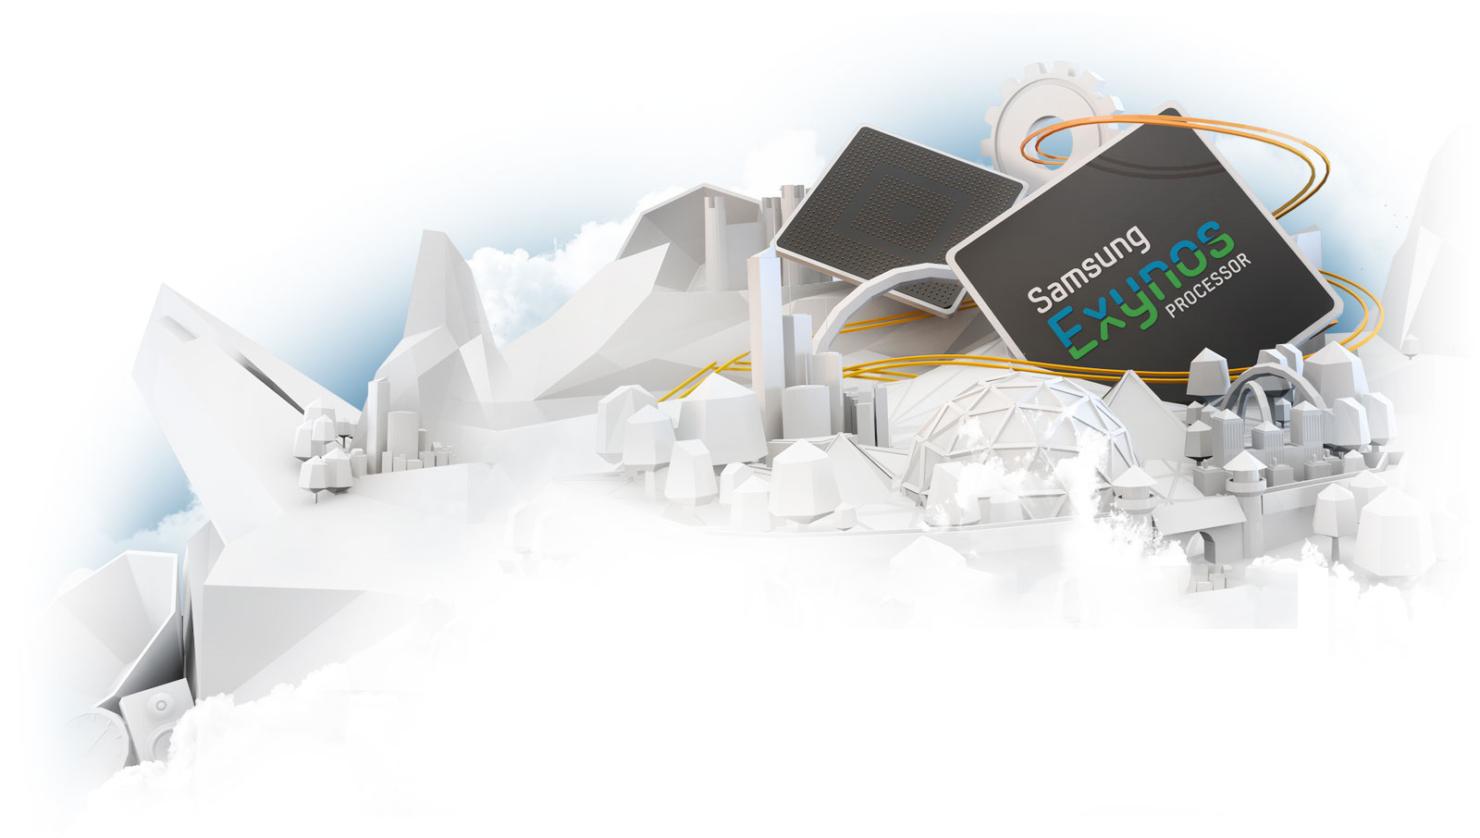 Samsung custom mobile GPU